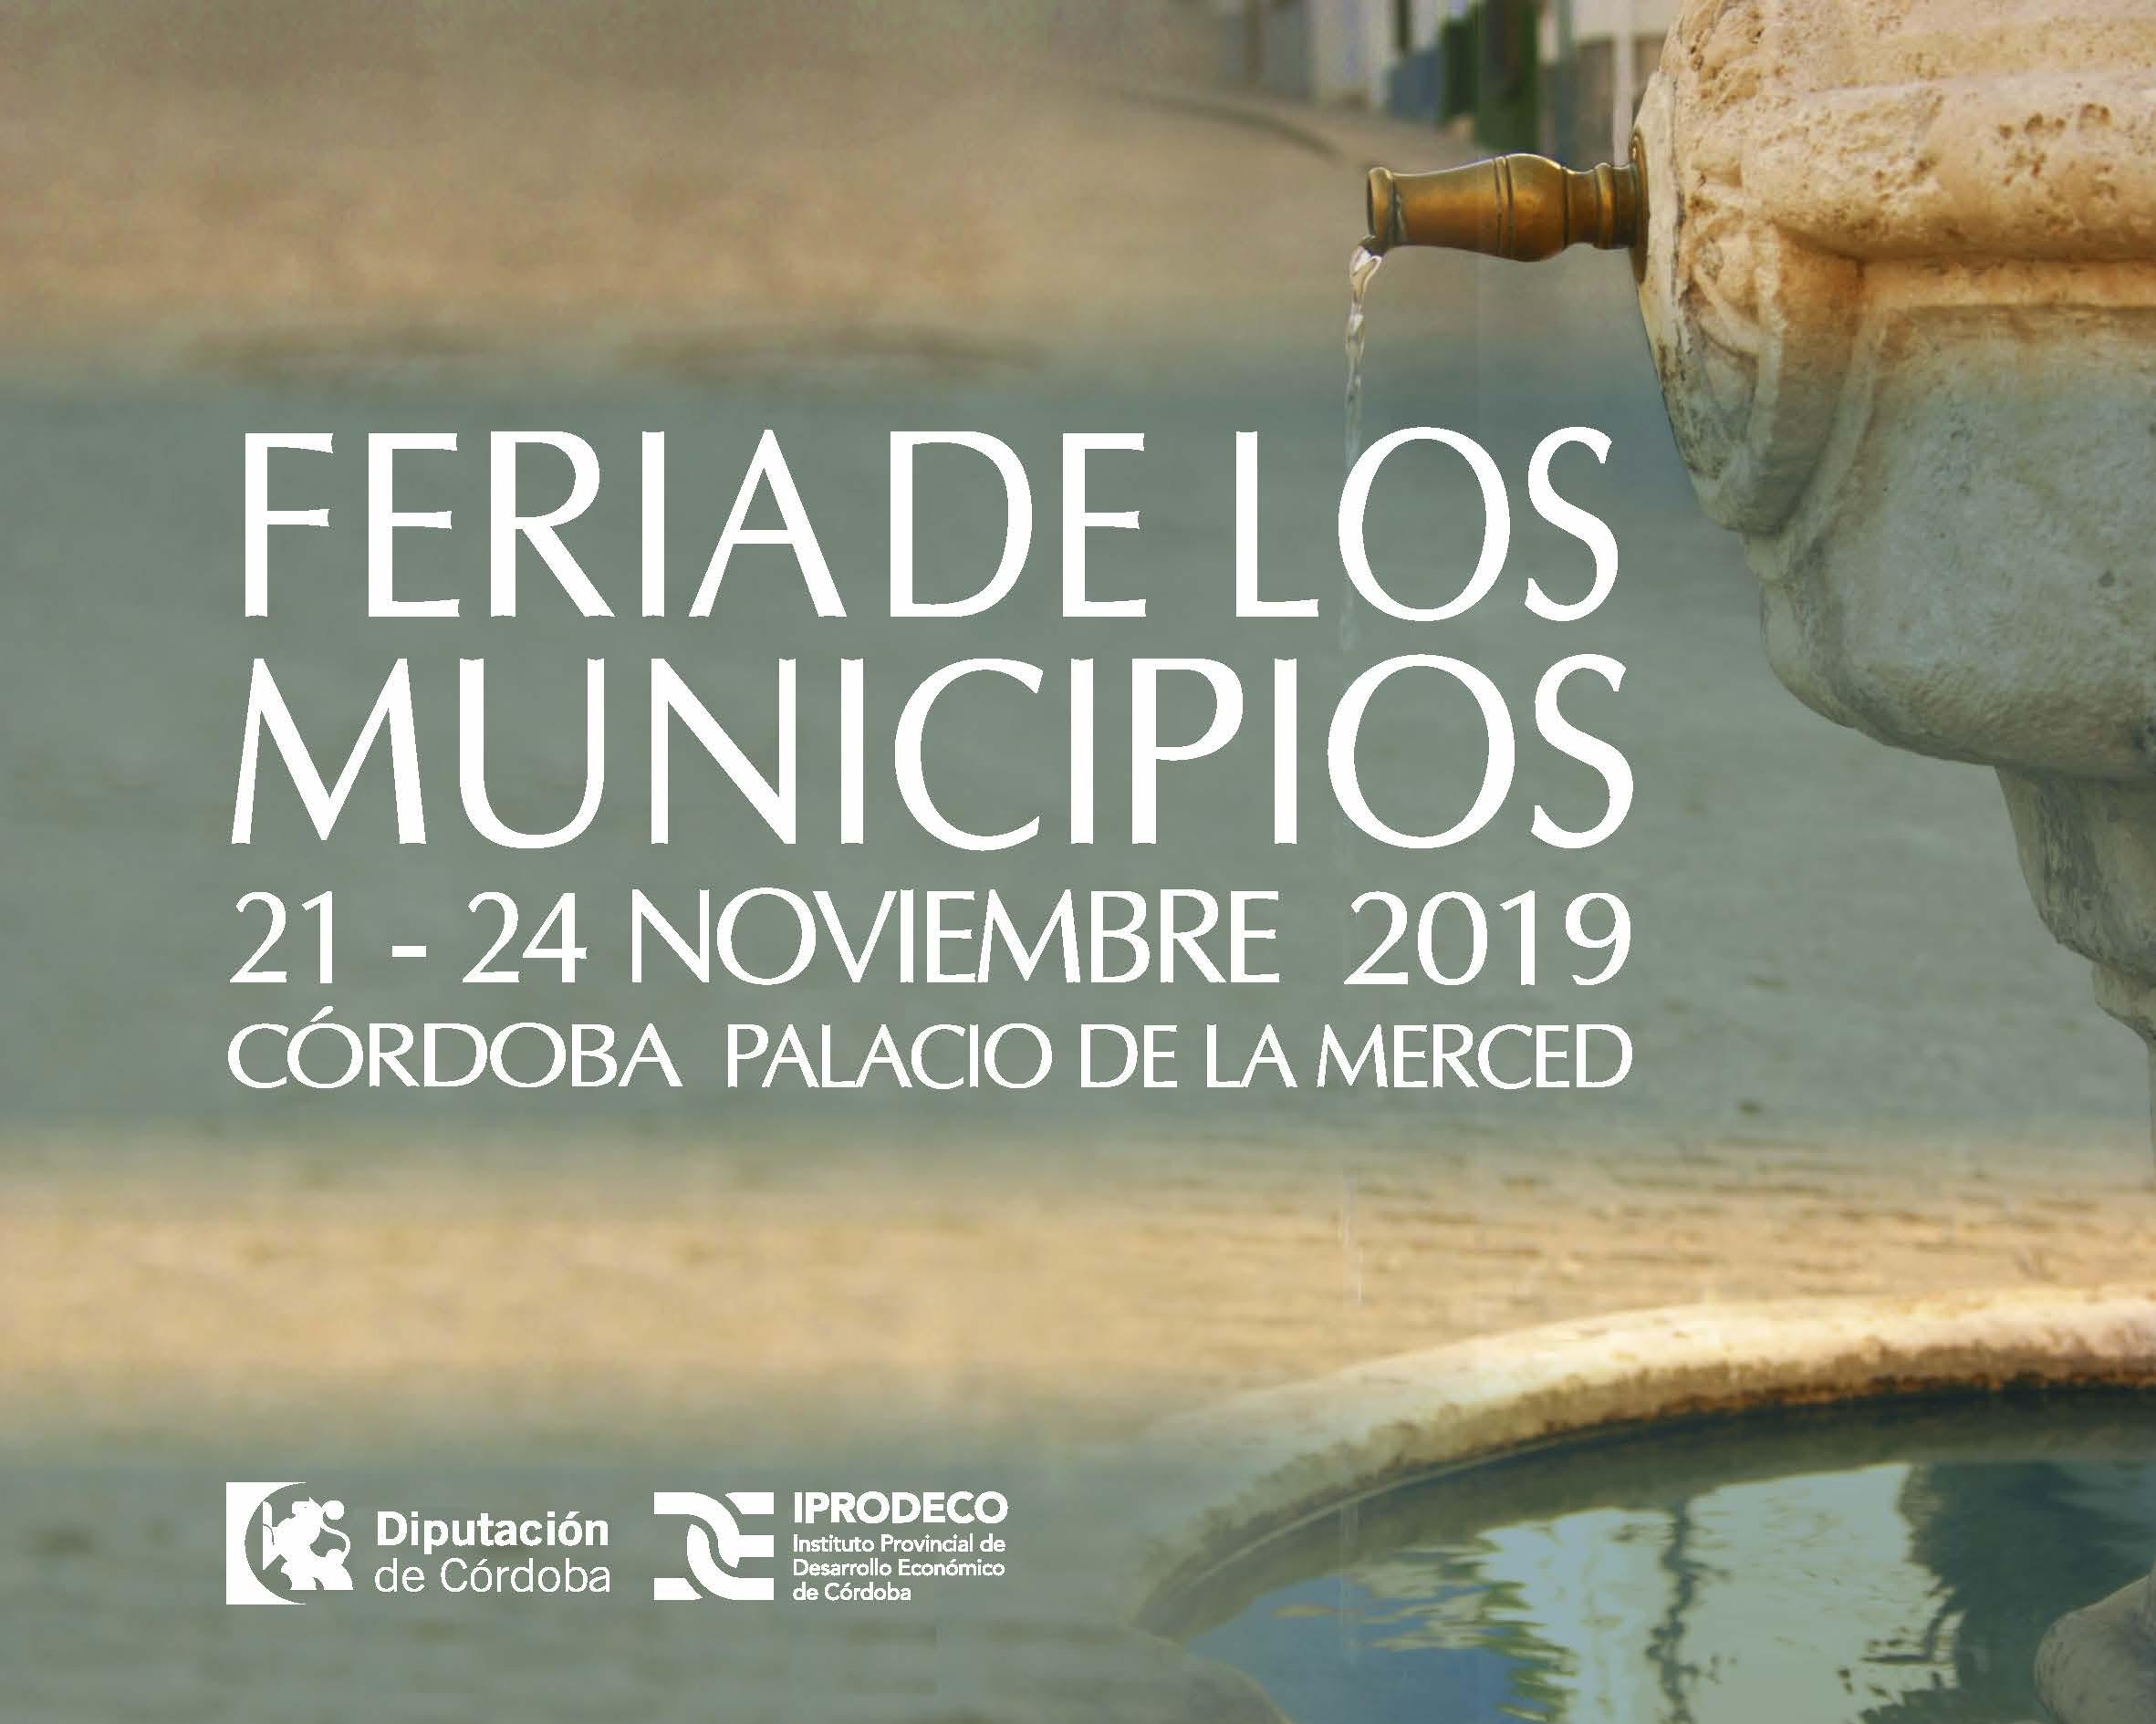 y así cautivar a los cordobeses, al público nacional y a todos los visitantes ocasionales que tengan la oportunidad de conocernos durante nuestra estancia en Córdoba.